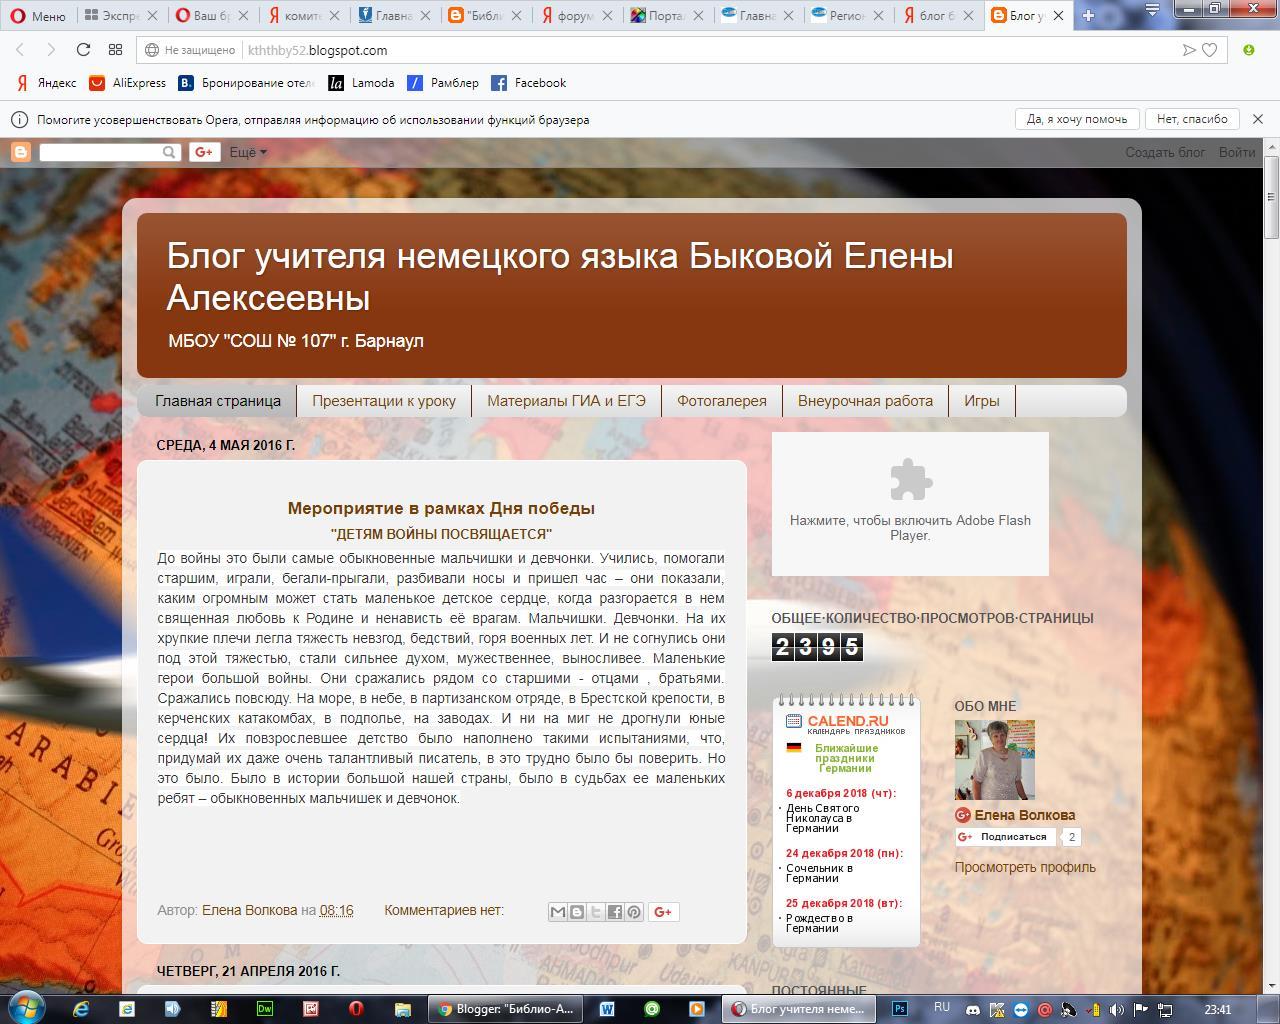 Блог учителя немецкого языка